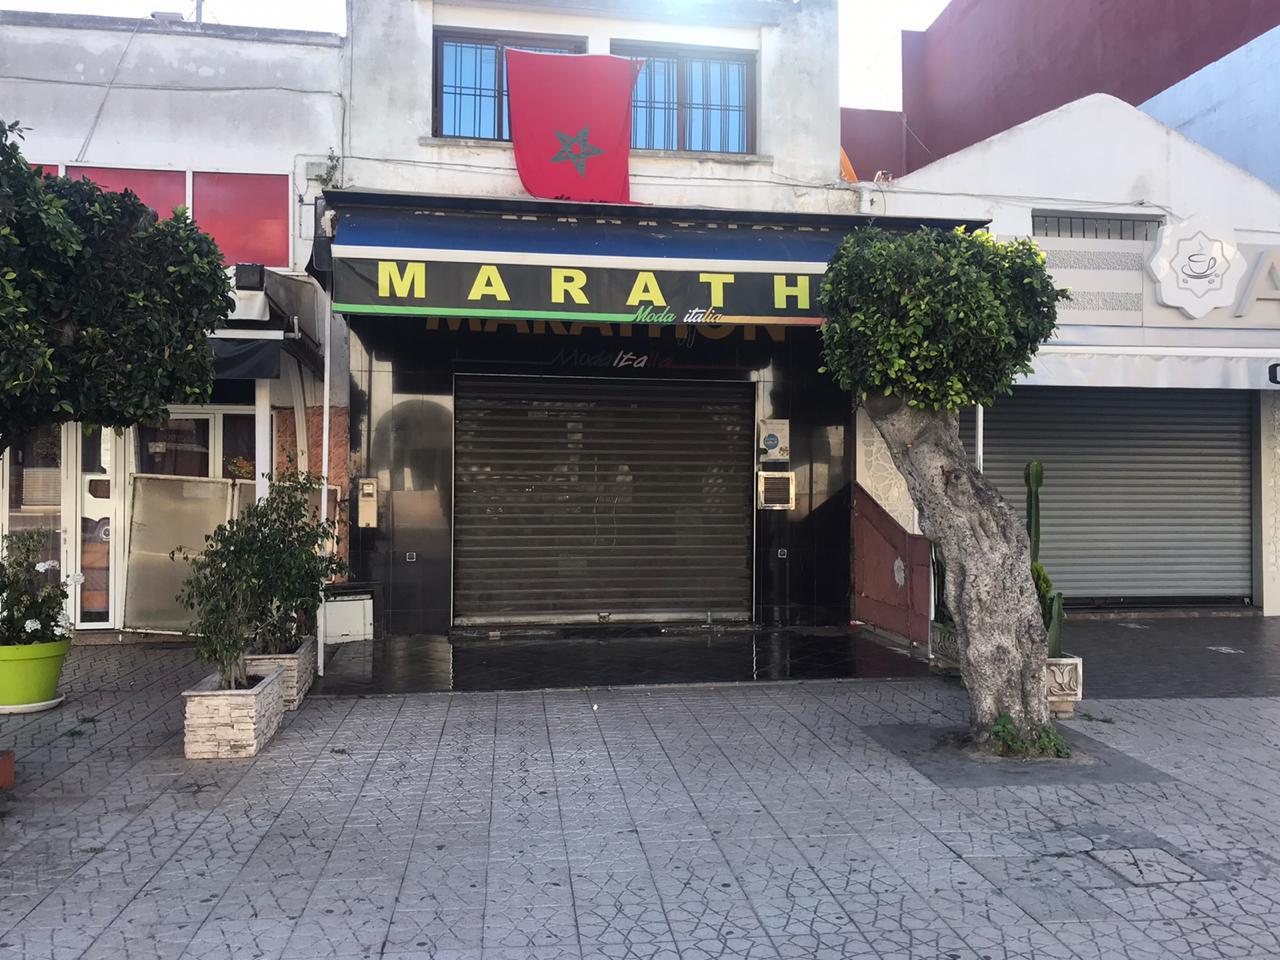 صاحب محل تجاري بساحة الحنصالي يطالب عامل الجديدة برفع الضرر في زمن كورونا